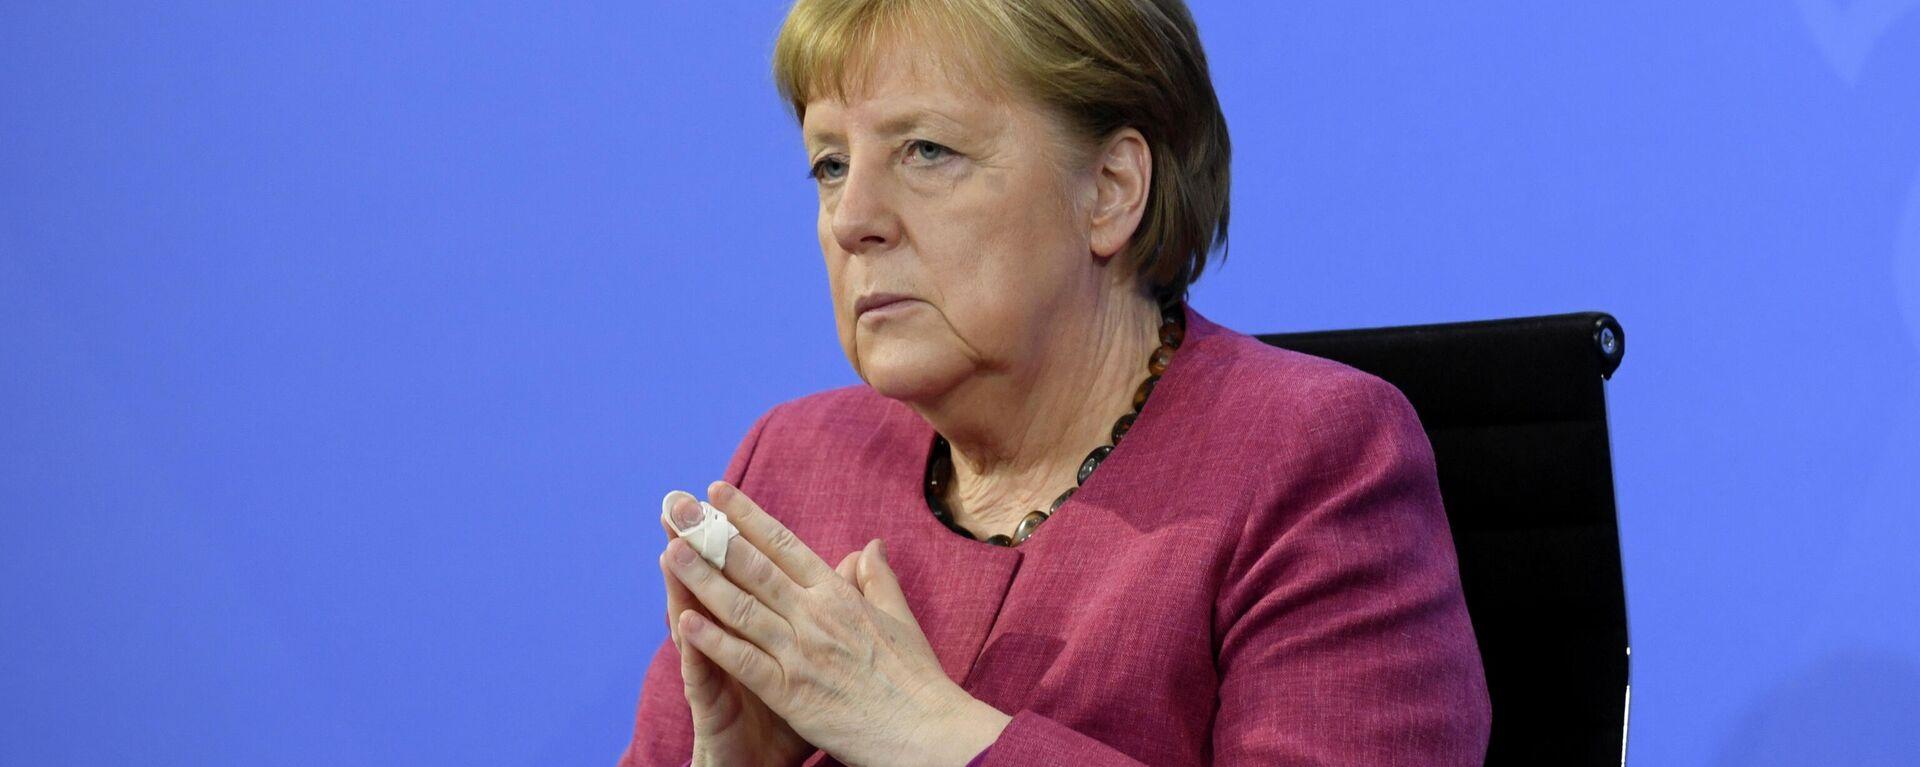 Angela Merkel, canciller de Alemania - Sputnik Mundo, 1920, 19.06.2021